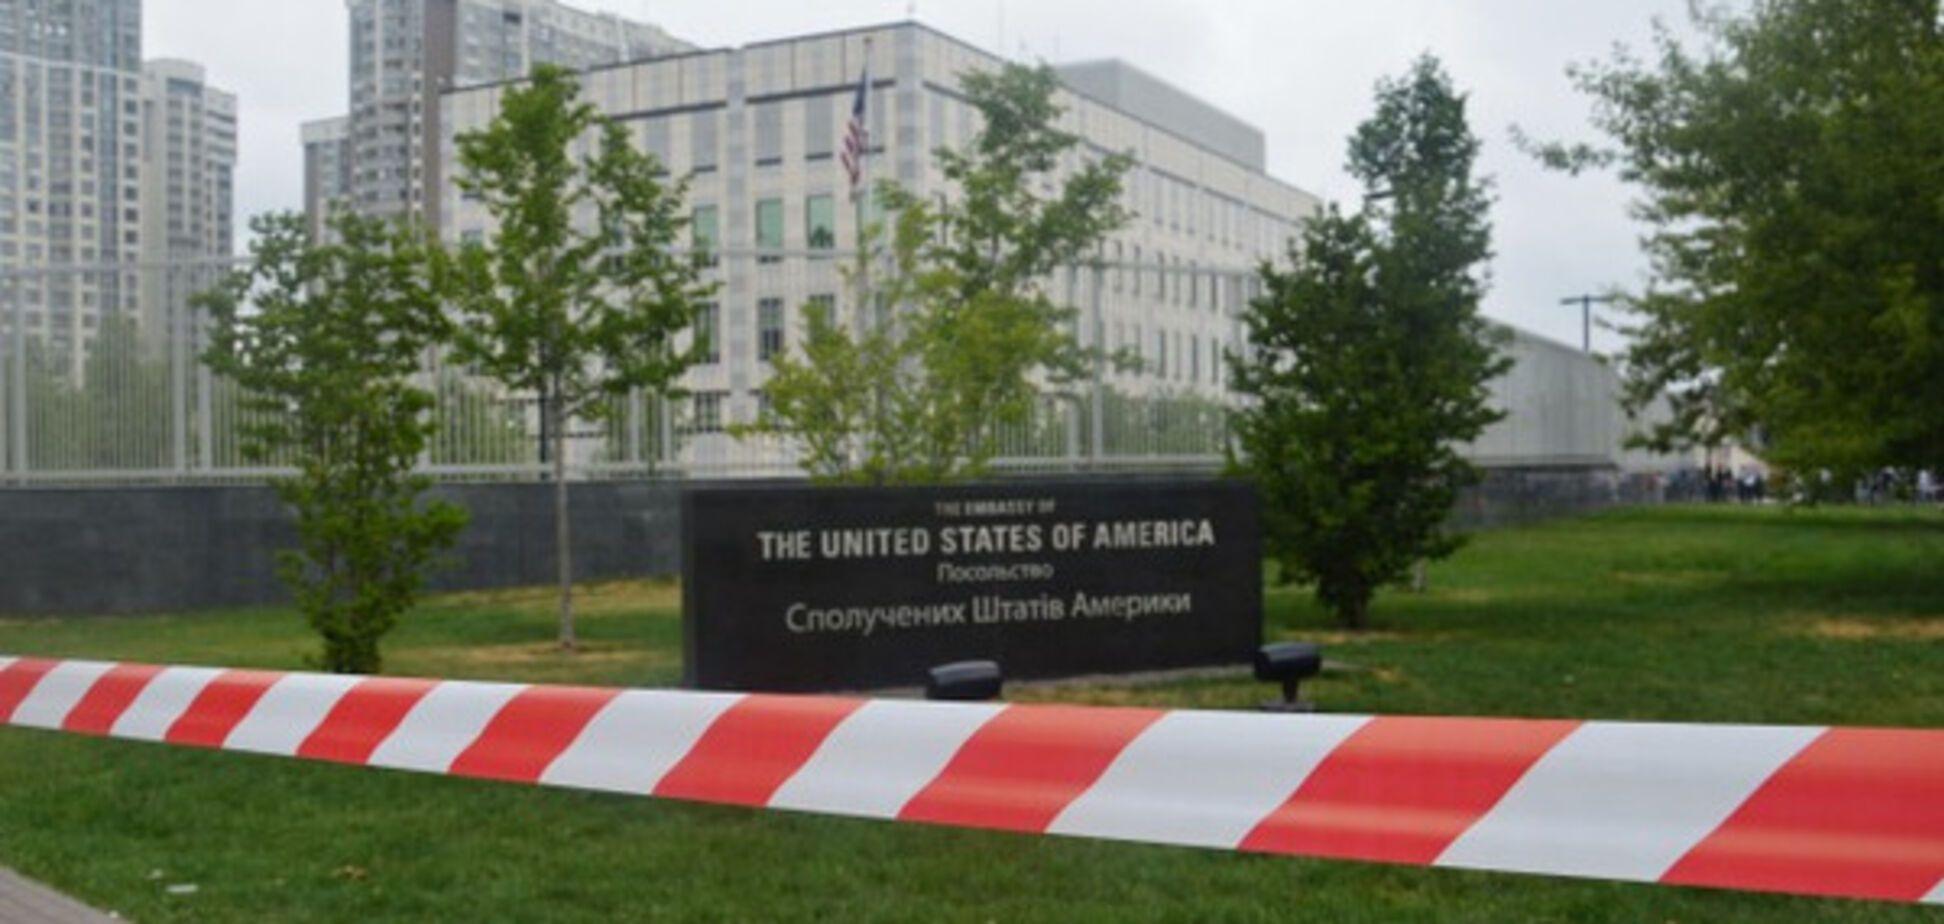 Вибух біля посольства США в Києві: у поліції повідомили нові деталі